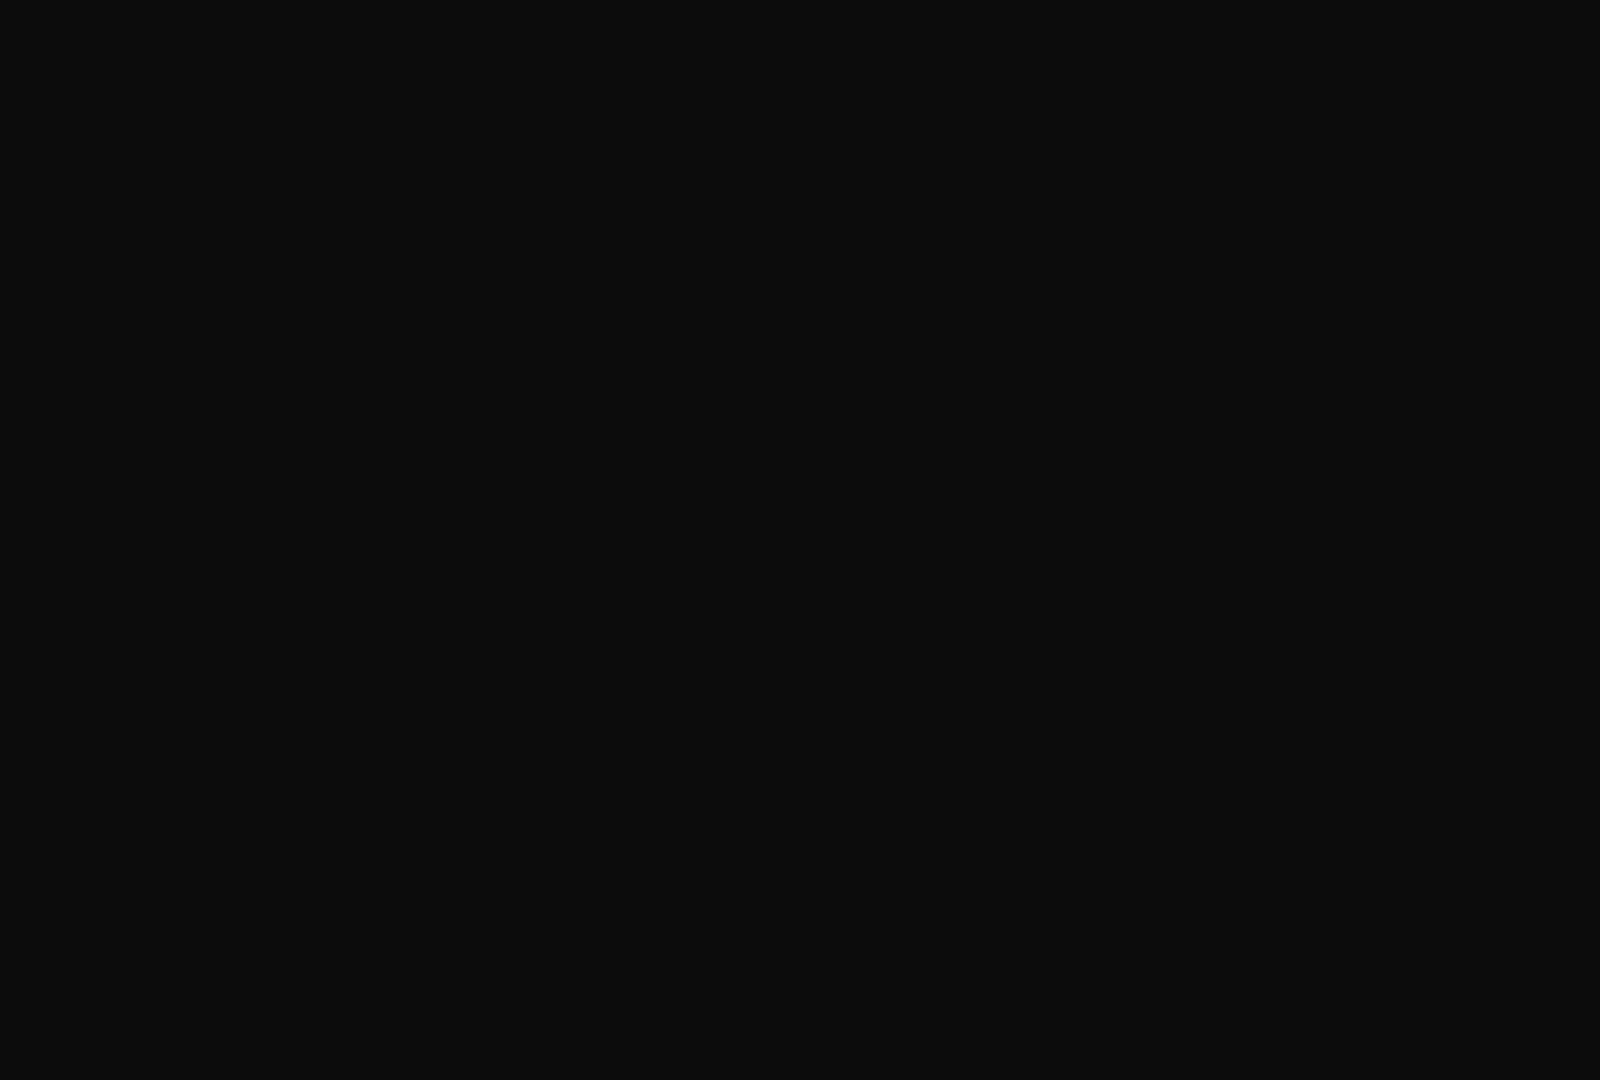 充血監督の深夜の運動会Vol.72 ギャルのエロ動画  64画像 60